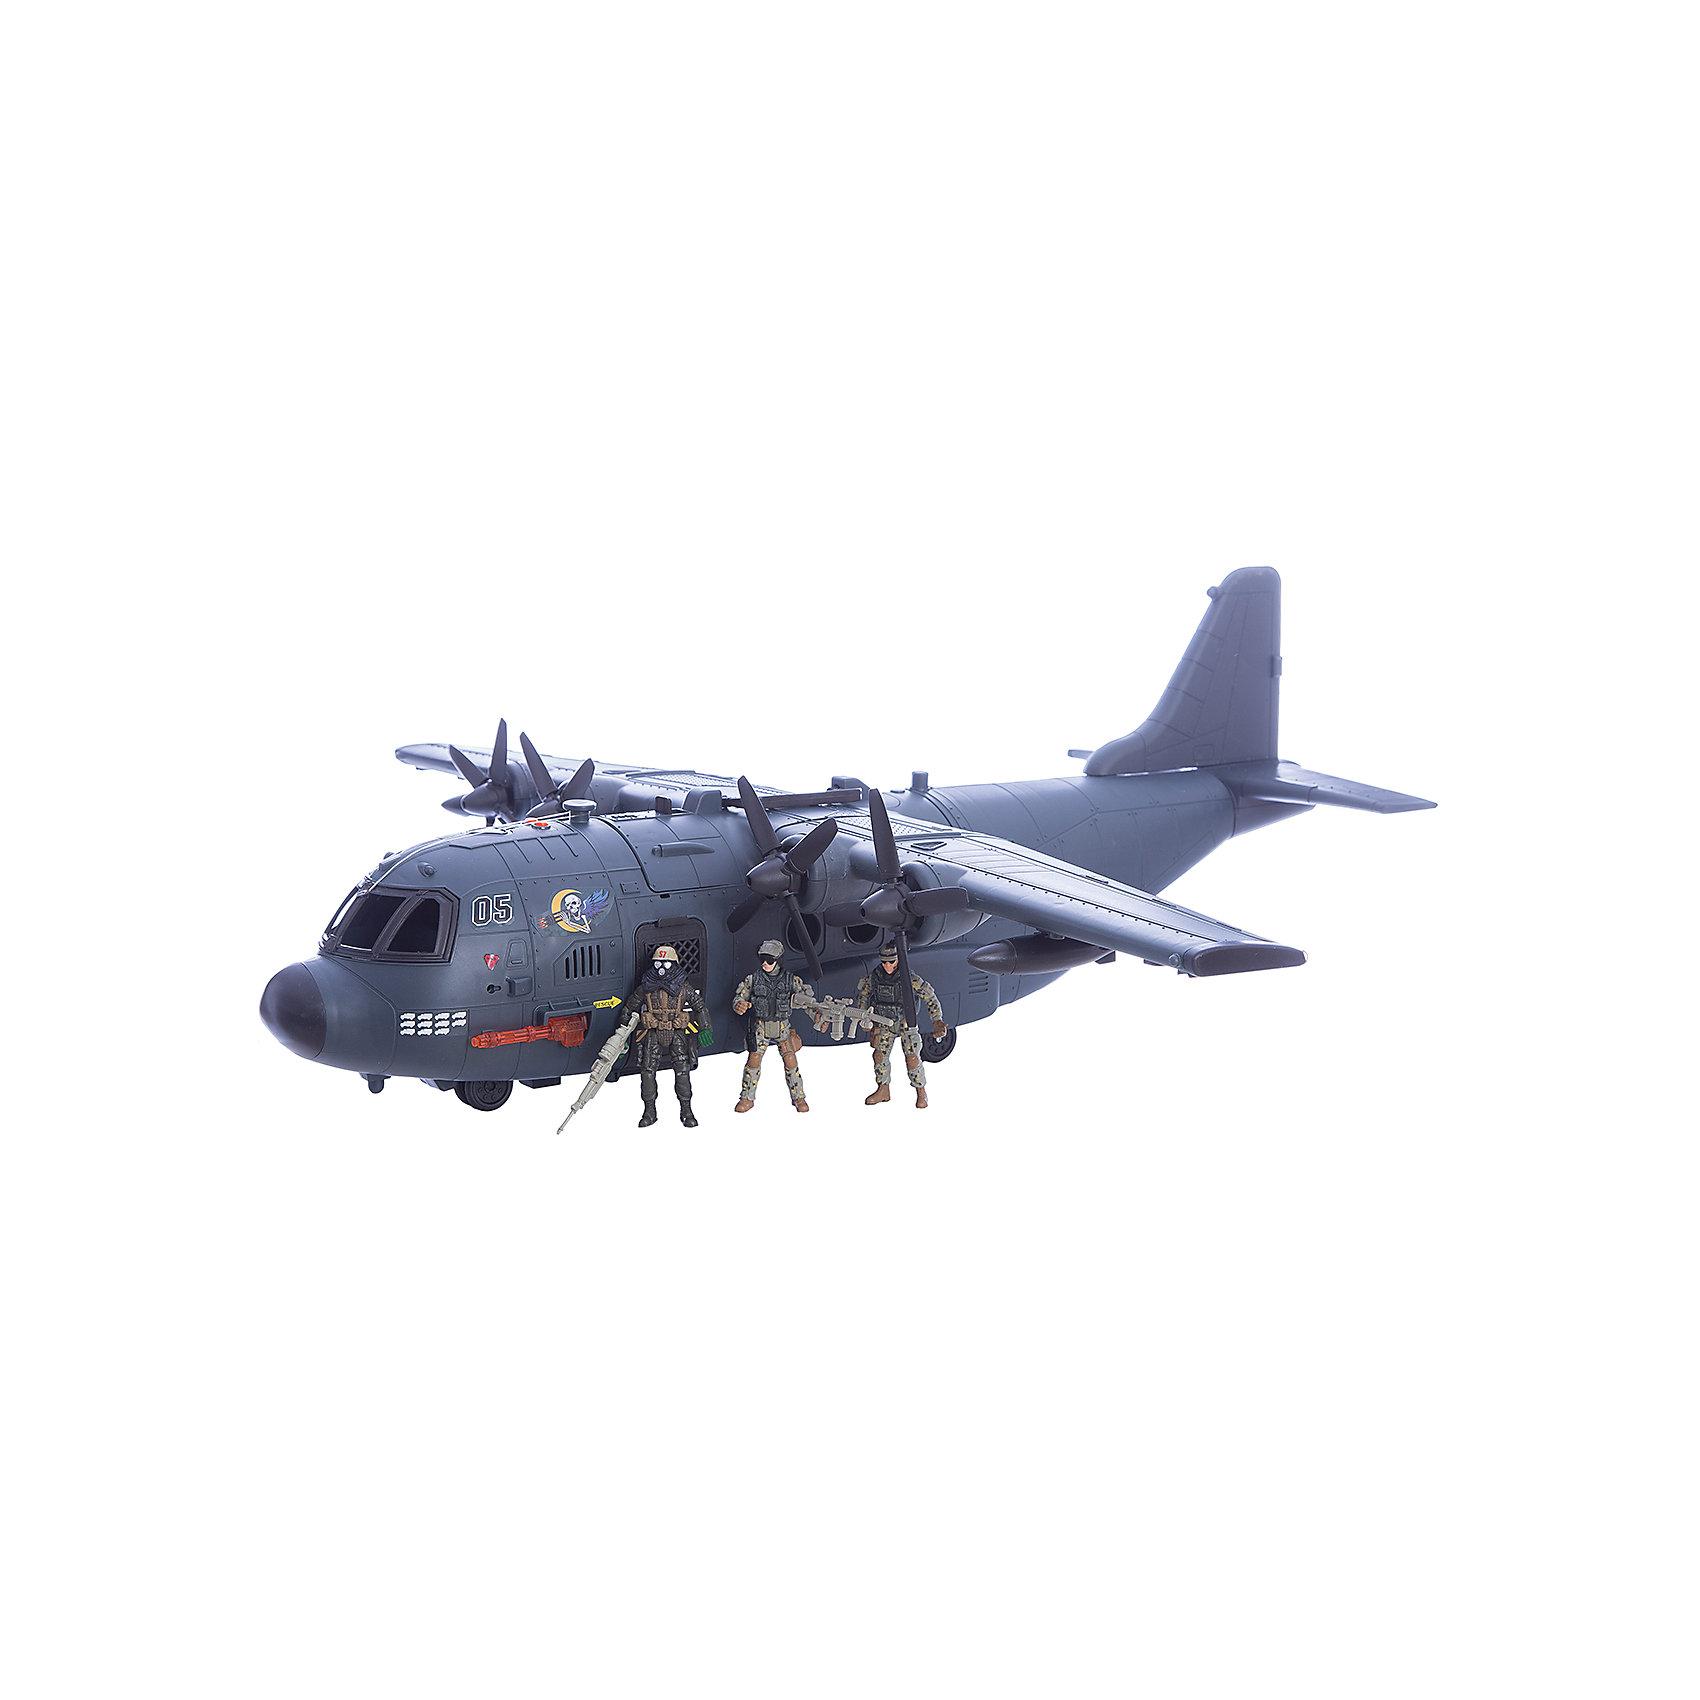 Игровой набор Военно-транспортный самолет, Chap MeiИгровой набор Военно-транспортный самолет, Chap Mei.<br><br>Характеристики:<br><br>- В наборе: самолет, 3 фигурки солдат, аксессуары<br>- Длина размаха крыла: 85 см.<br>- Размер самолета: 75х30 см.<br>- Батарейки: 3 типа AG13<br>- Материал: пластик<br>- Размер упаковки: 78 х 36 х 30 см.<br><br>Набор Военно-транспортный самолет, Chap Mei - это потрясающий игровой набор из серии Solder Force VIII, с которым мальчику точно не придется скучать. Ведь с таким набором можно обыграть практически любой современный сюжет, связанный с военными действиями. Огромный транспортный самолет со световыми и звуковыми эффектами всегда готов к полету. В его кабину можно посадить фигурку пилота. А для транспортировки грузов у самолета открывается люк. Для максимального удовольствия от игрового процесса в данном комплекте предусмотрено множество аксессуаров. Все элементы набора изготовлены из качественного пластика и тщательно детализированы. Игровой набор способствует развитию у ребенка воображения, внимания и мелкой моторики.<br><br>Игровой набор Военно-транспортный самолет, Chap Mei можно купить в нашем интернет-магазине.<br><br>Ширина мм: 77<br>Глубина мм: 36<br>Высота мм: 30<br>Вес г: 3150<br>Возраст от месяцев: 36<br>Возраст до месяцев: 2147483647<br>Пол: Мужской<br>Возраст: Детский<br>SKU: 5055445